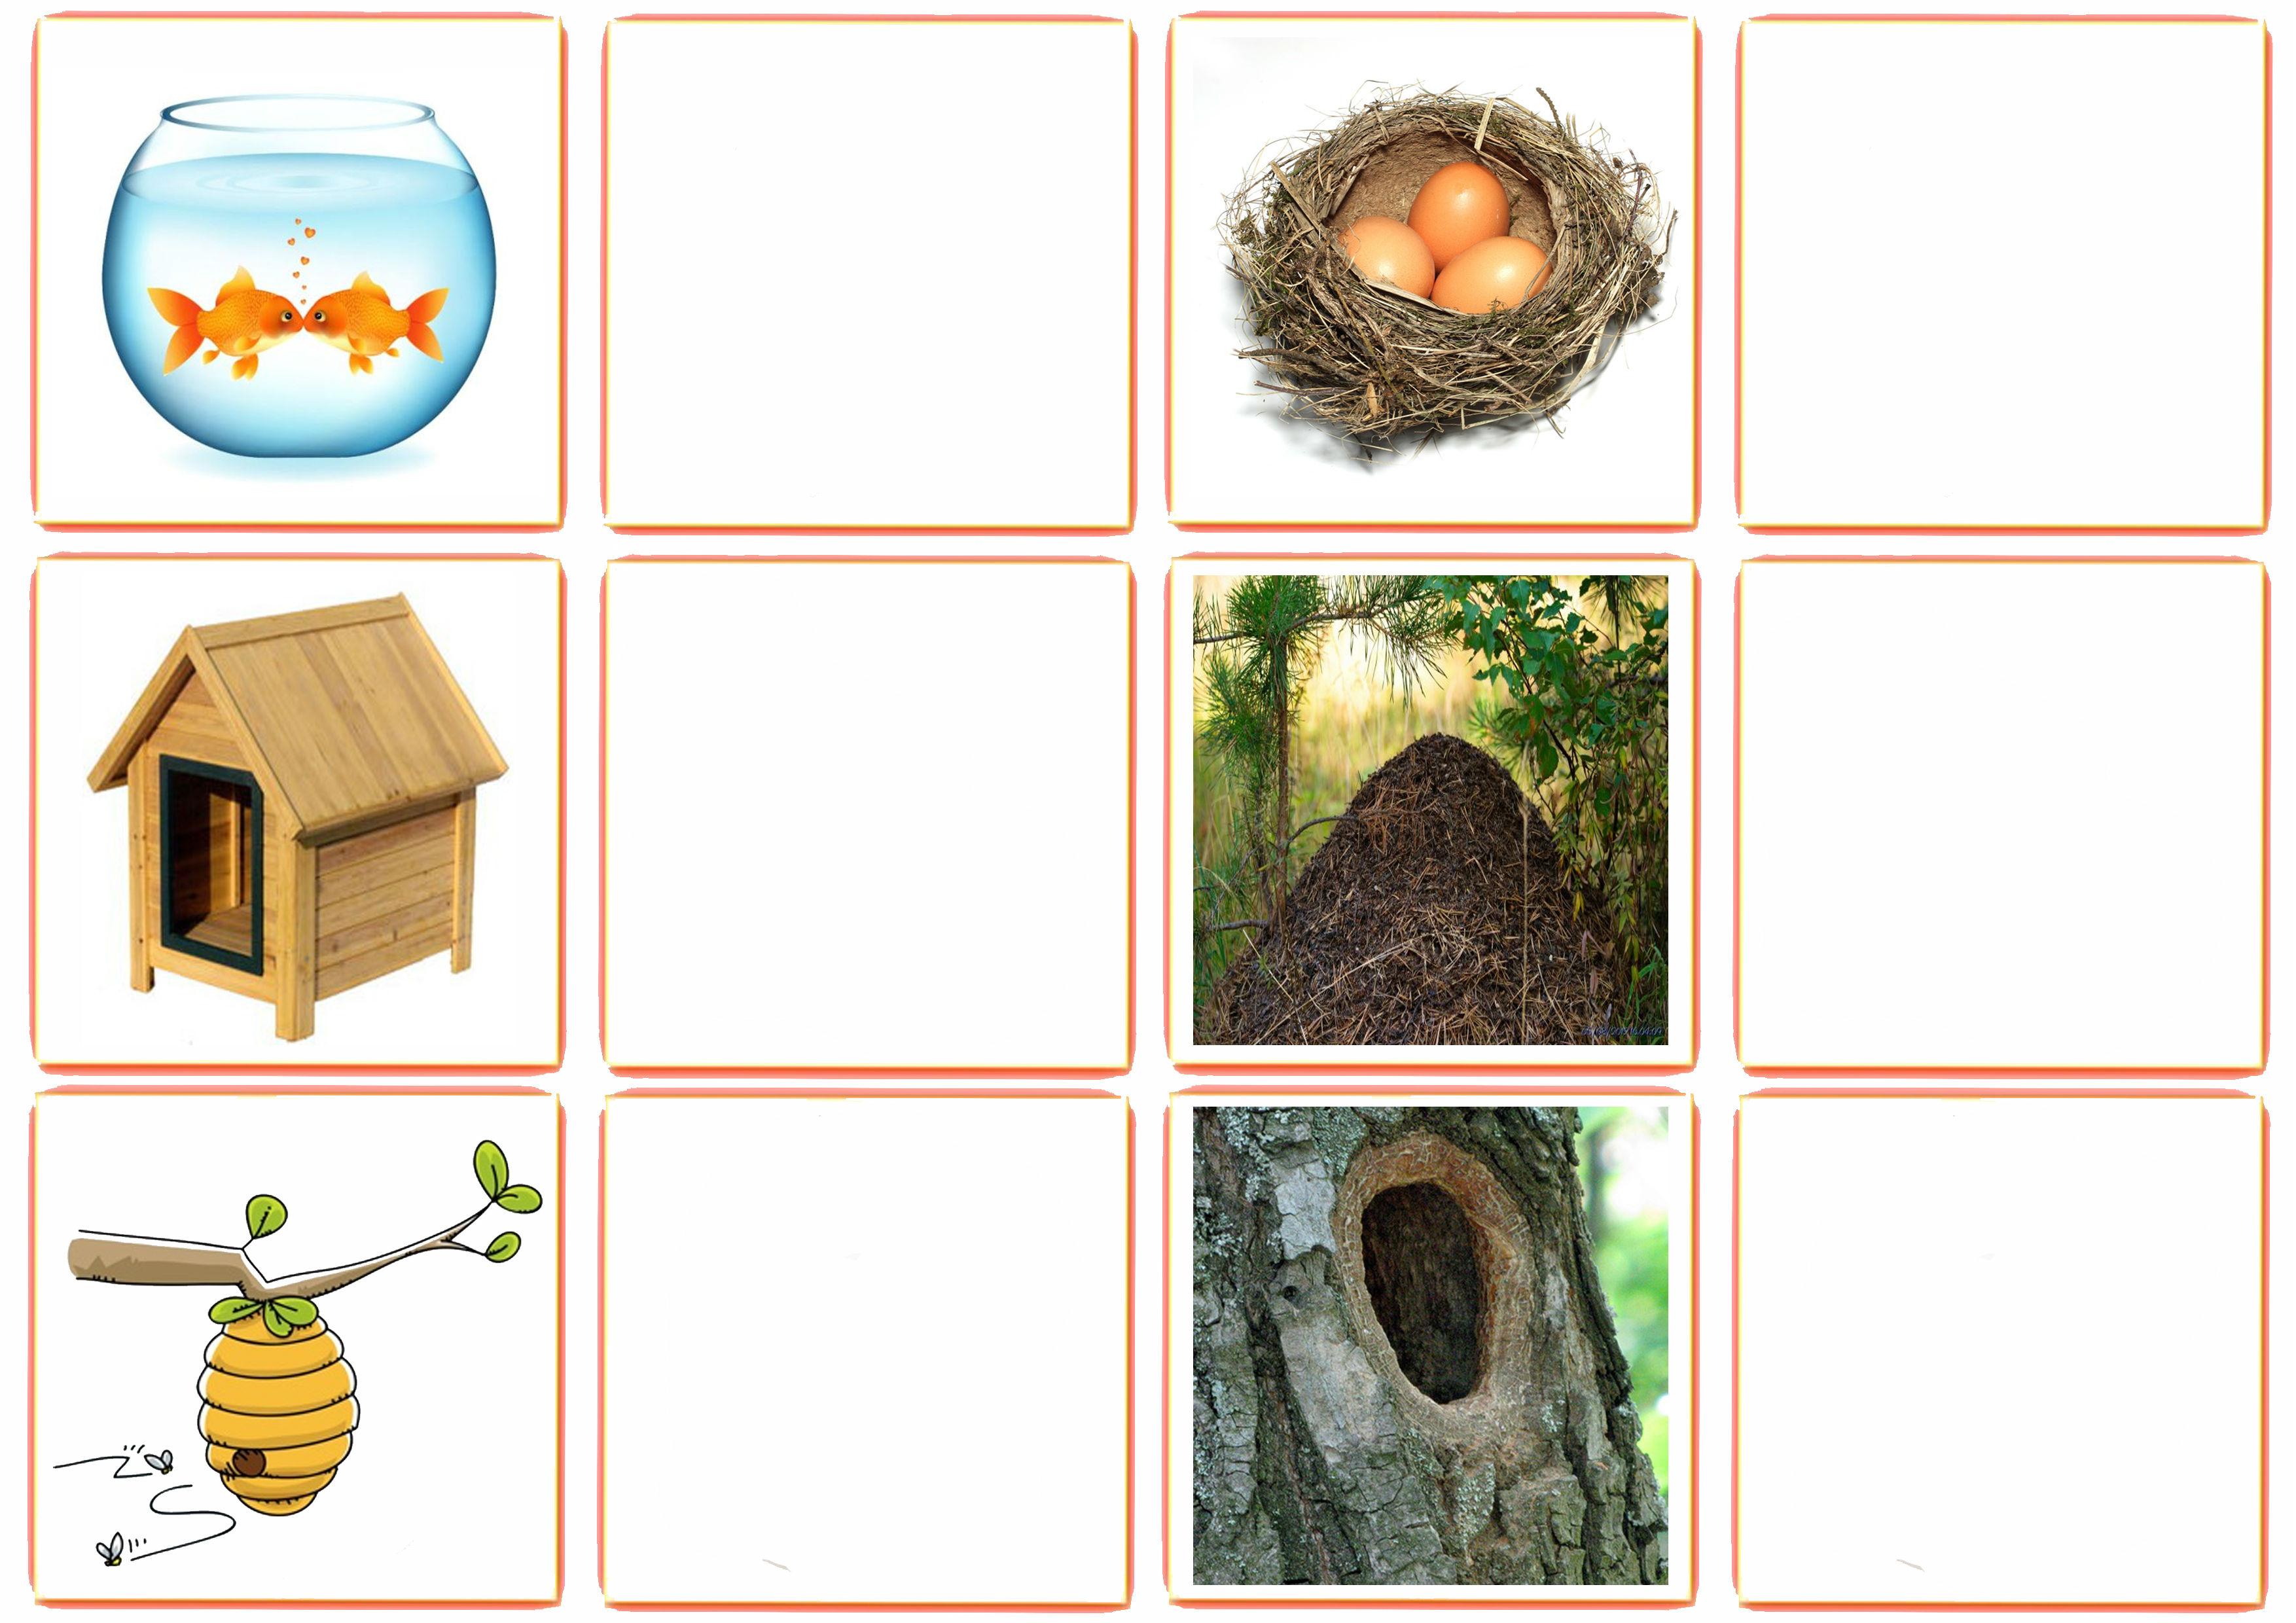 удалении одного картинки и иллюстрации с изображением жилища животных аверьянов поздравил жителей